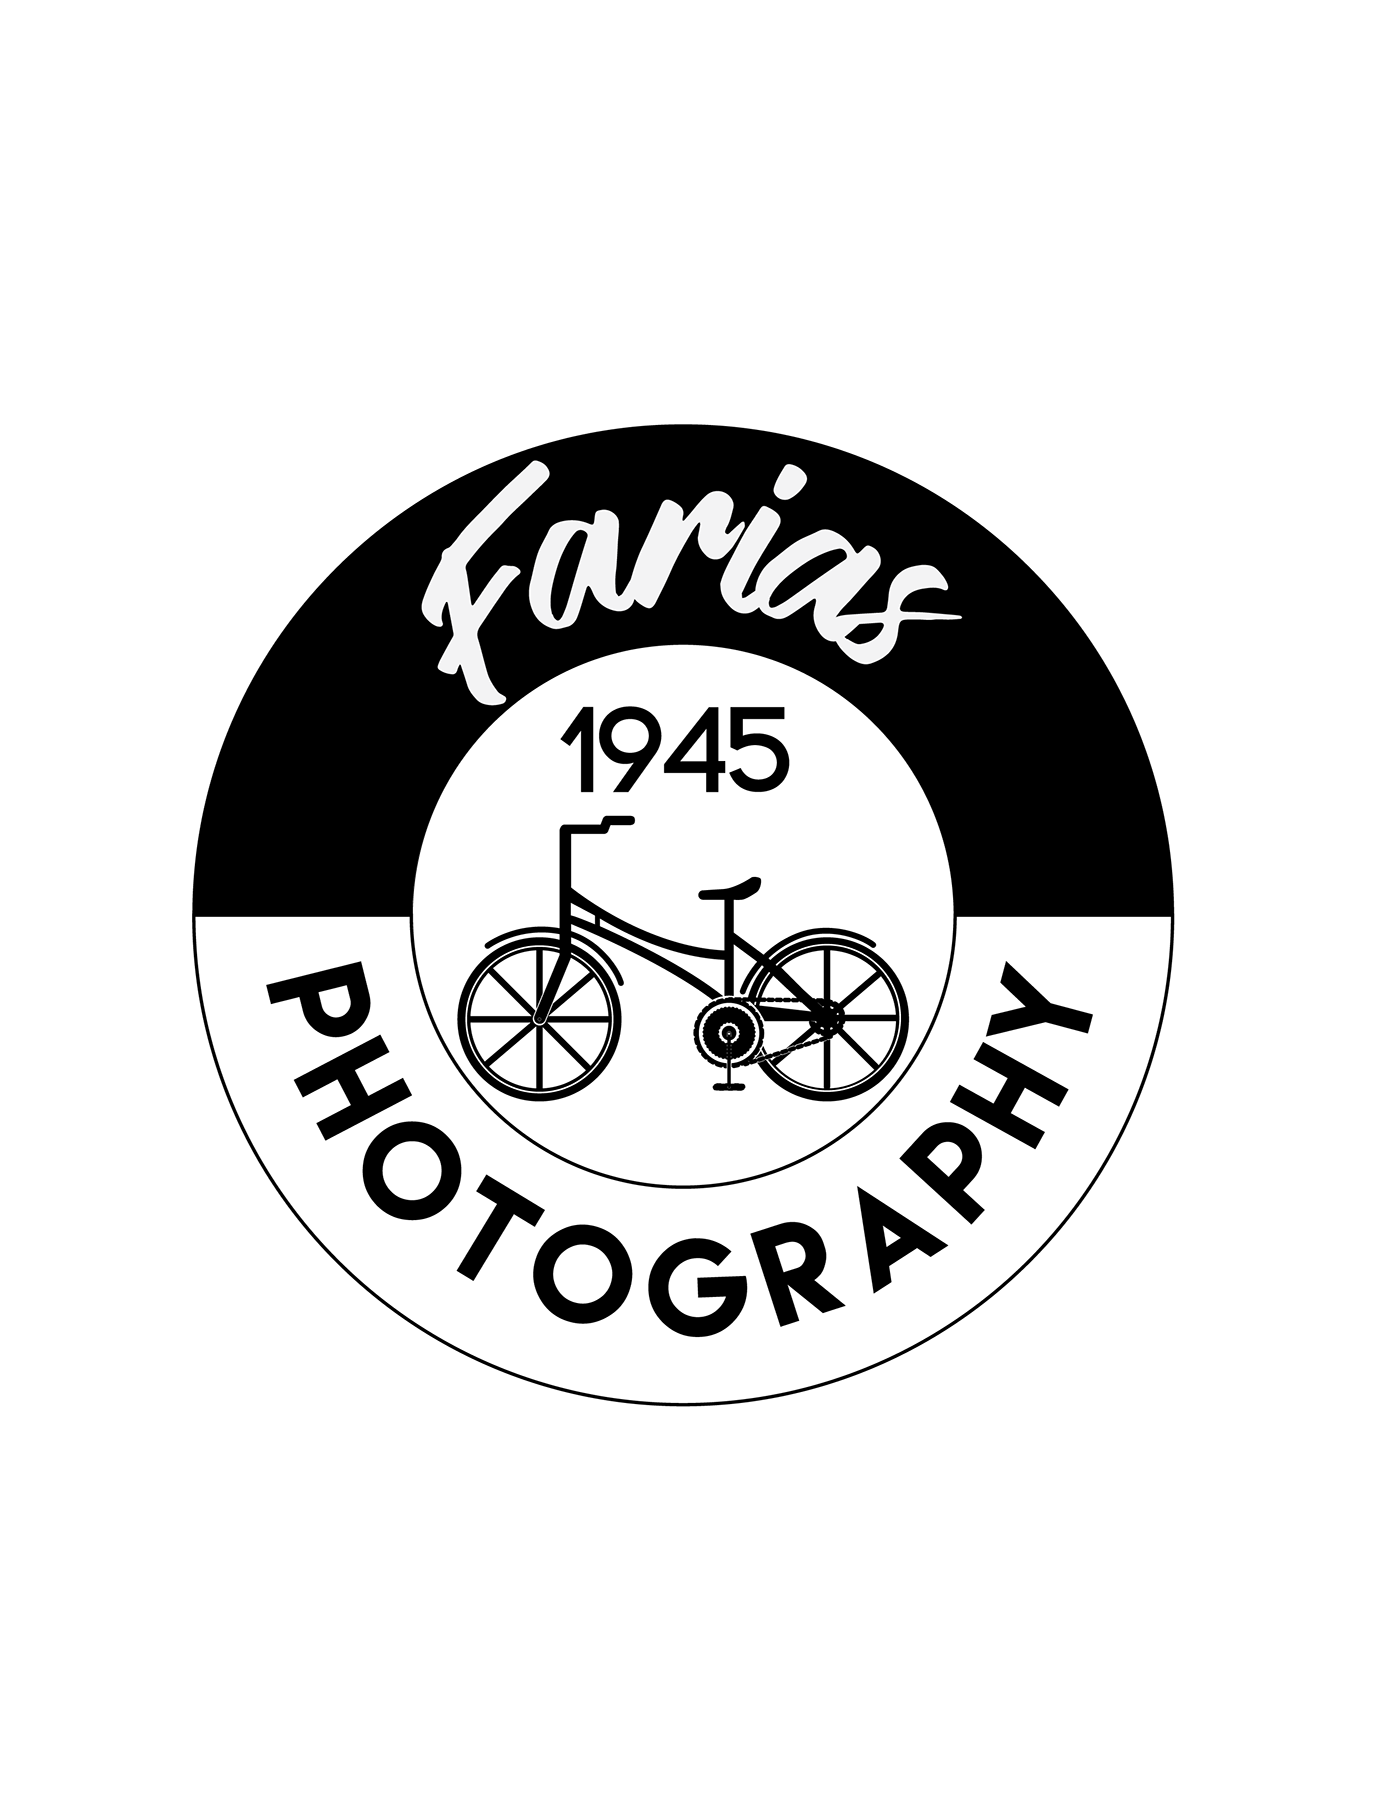 Logo Design,Illustrator,graphic design